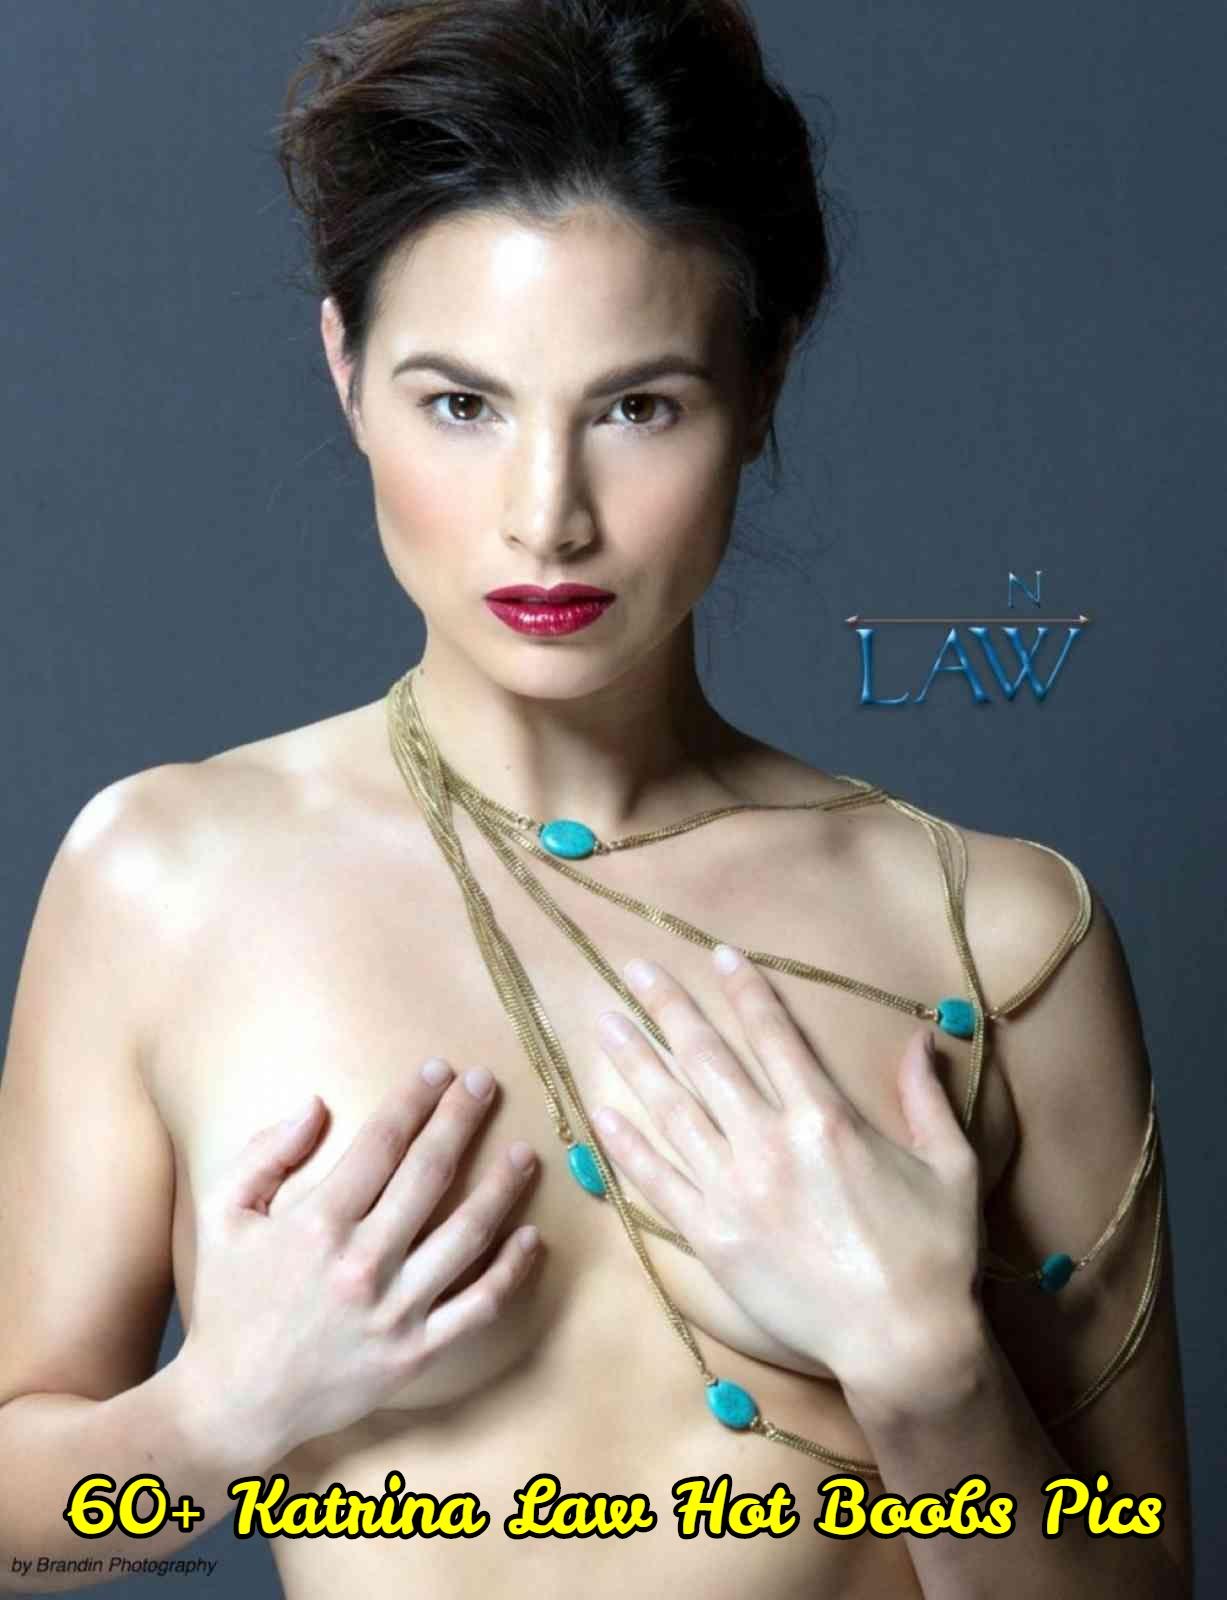 Katrina Law hot boobs pics (1)